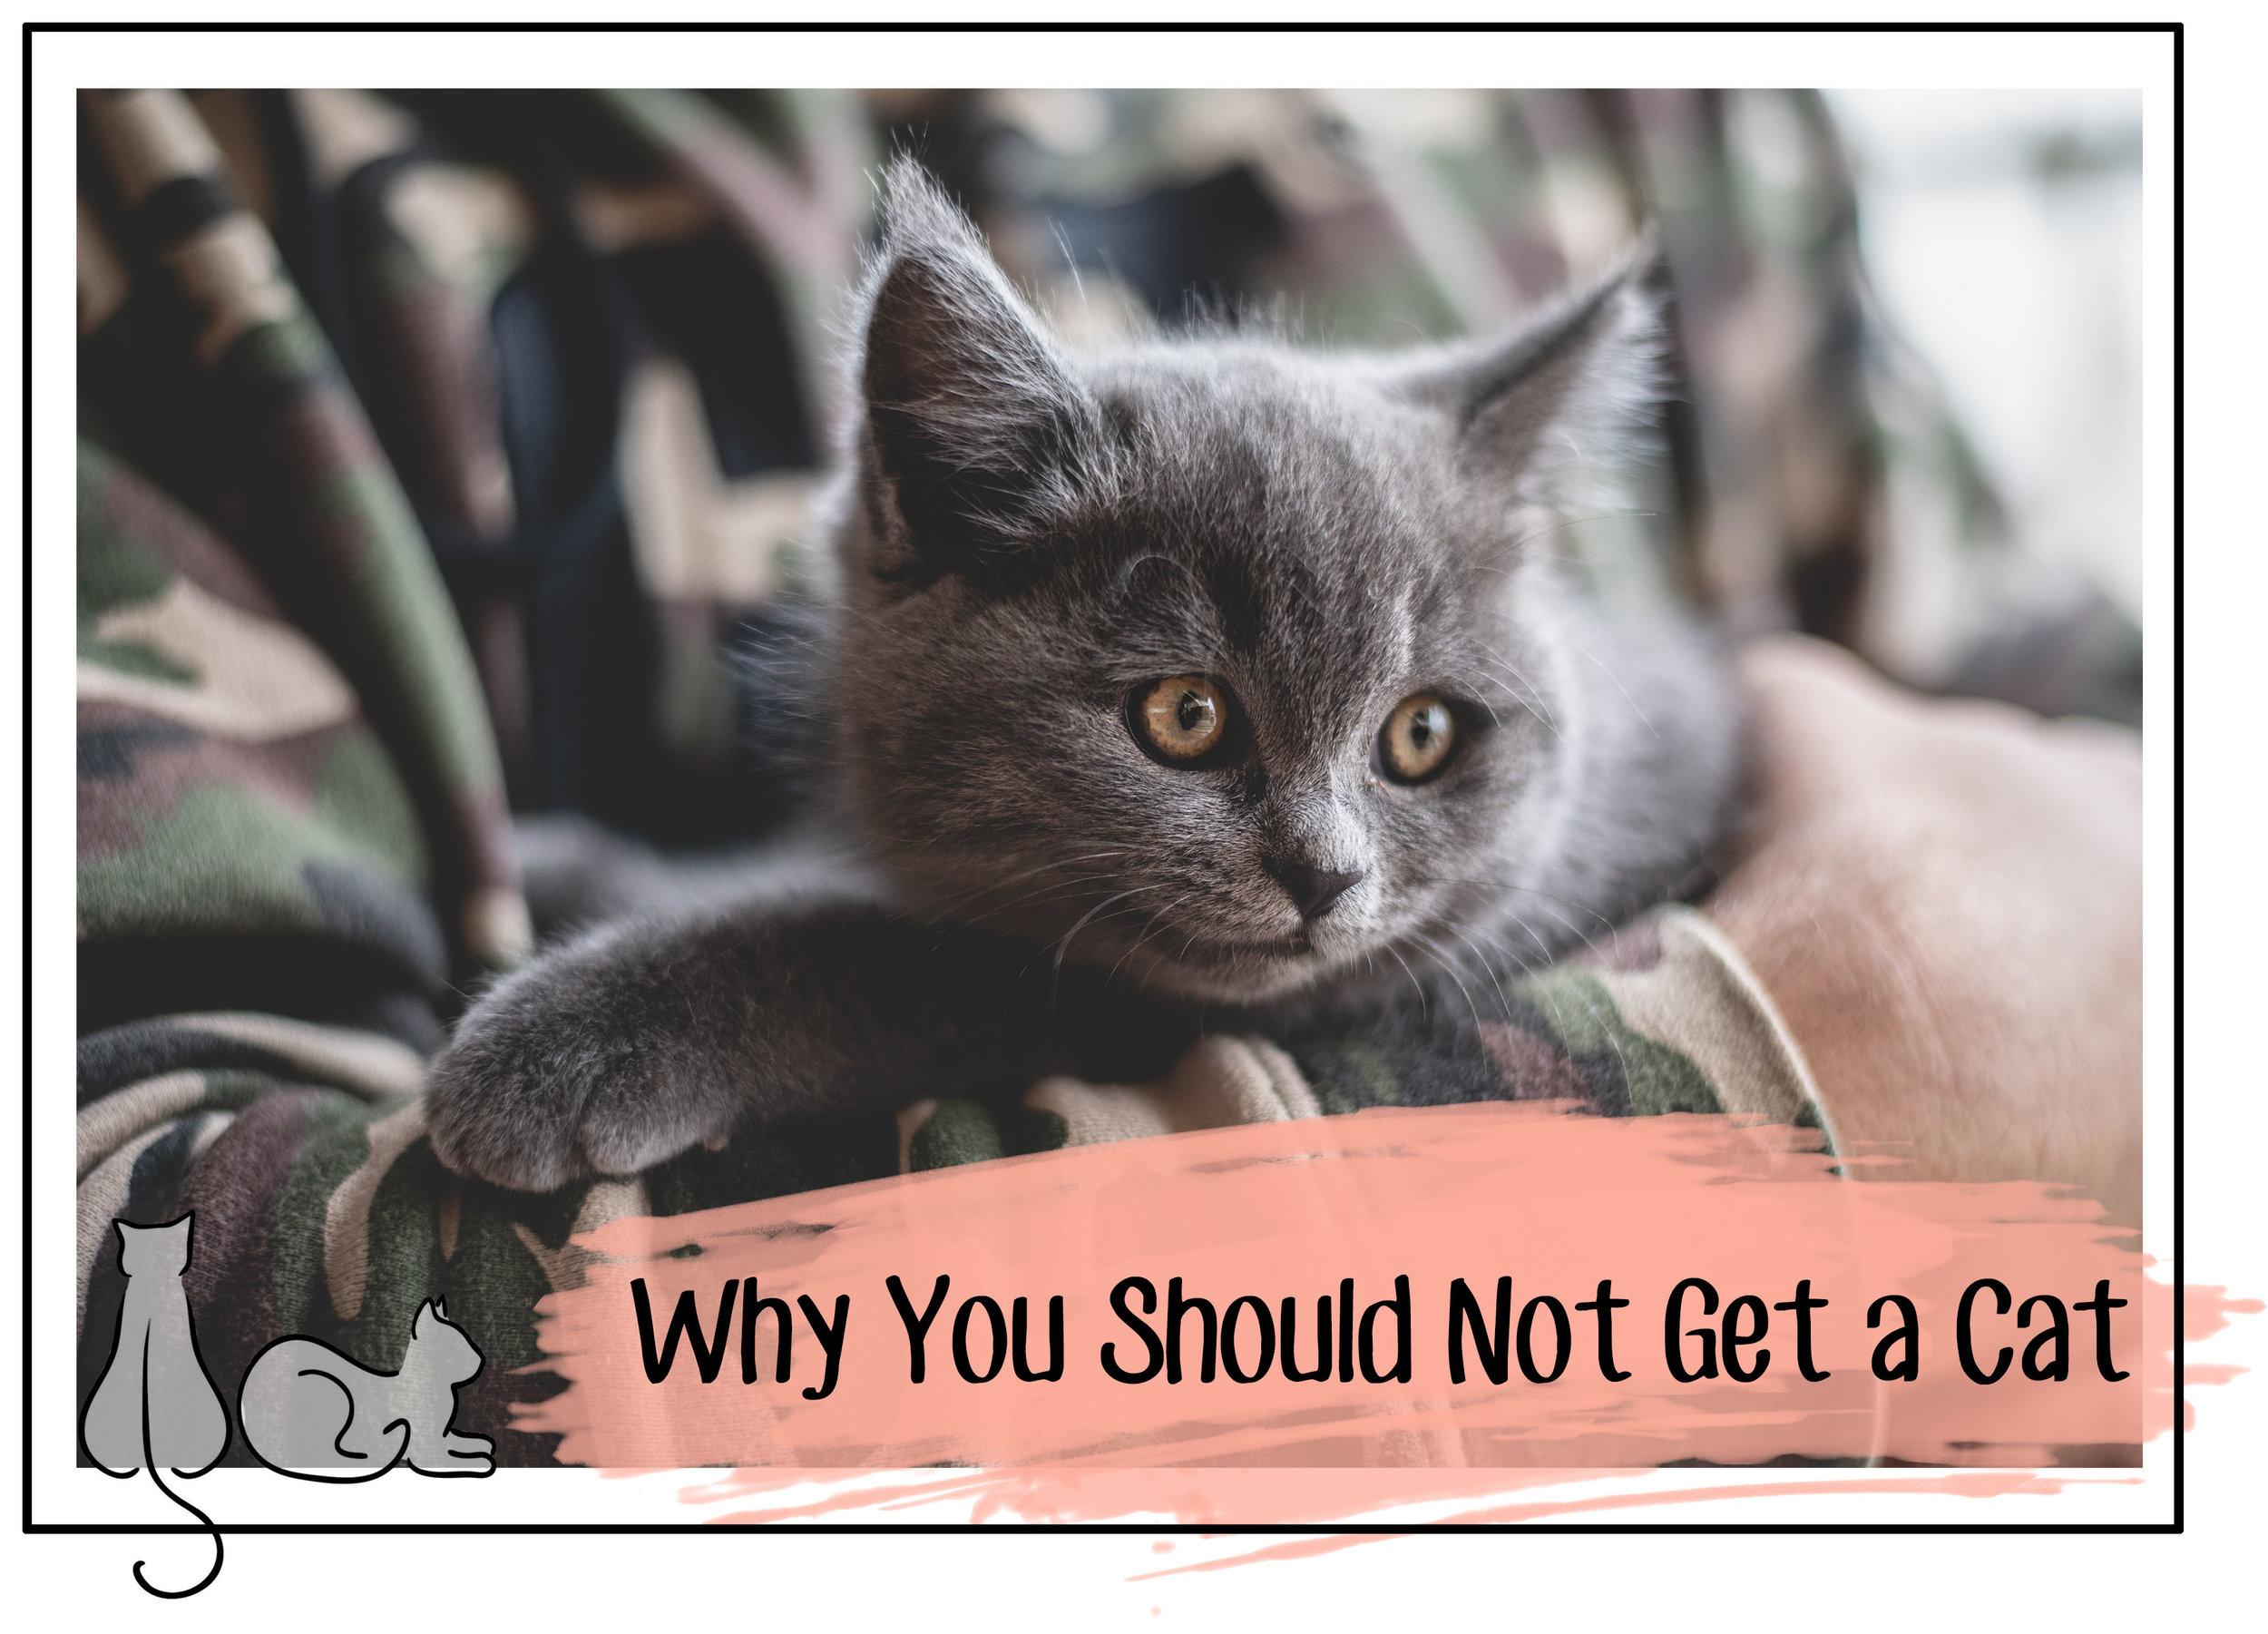 do not get a cat #catadoption